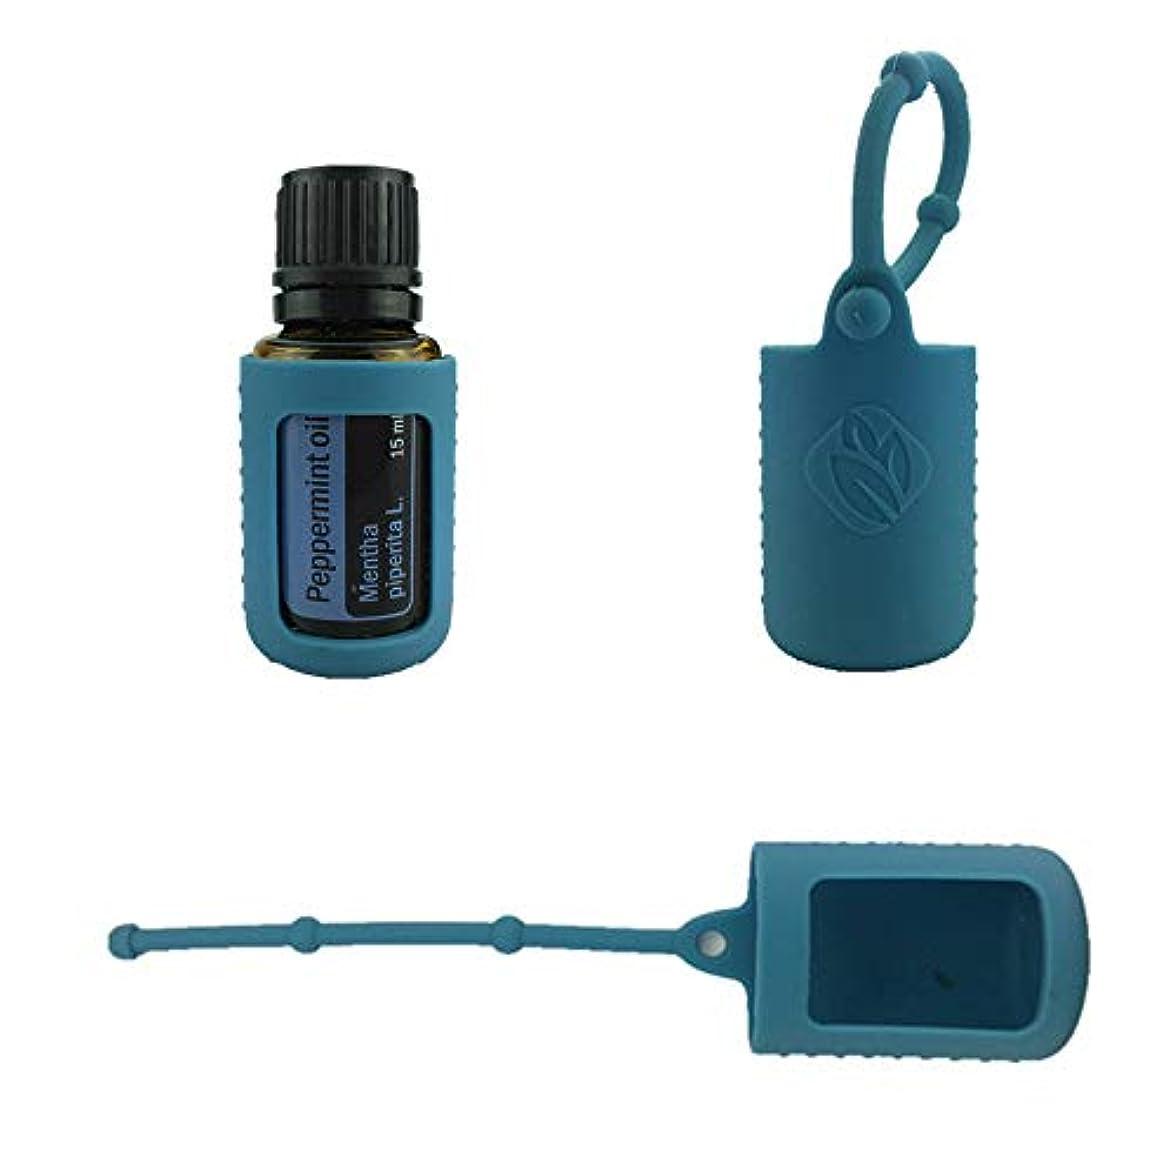 長老弁護人ギネス6パック熱望オイルボトルシリコンローラーボトルホルダースリーブエッセンシャルオイルボトル保護カバーケースハングロープ - ダンク ブルー - 6-pcs 5ml